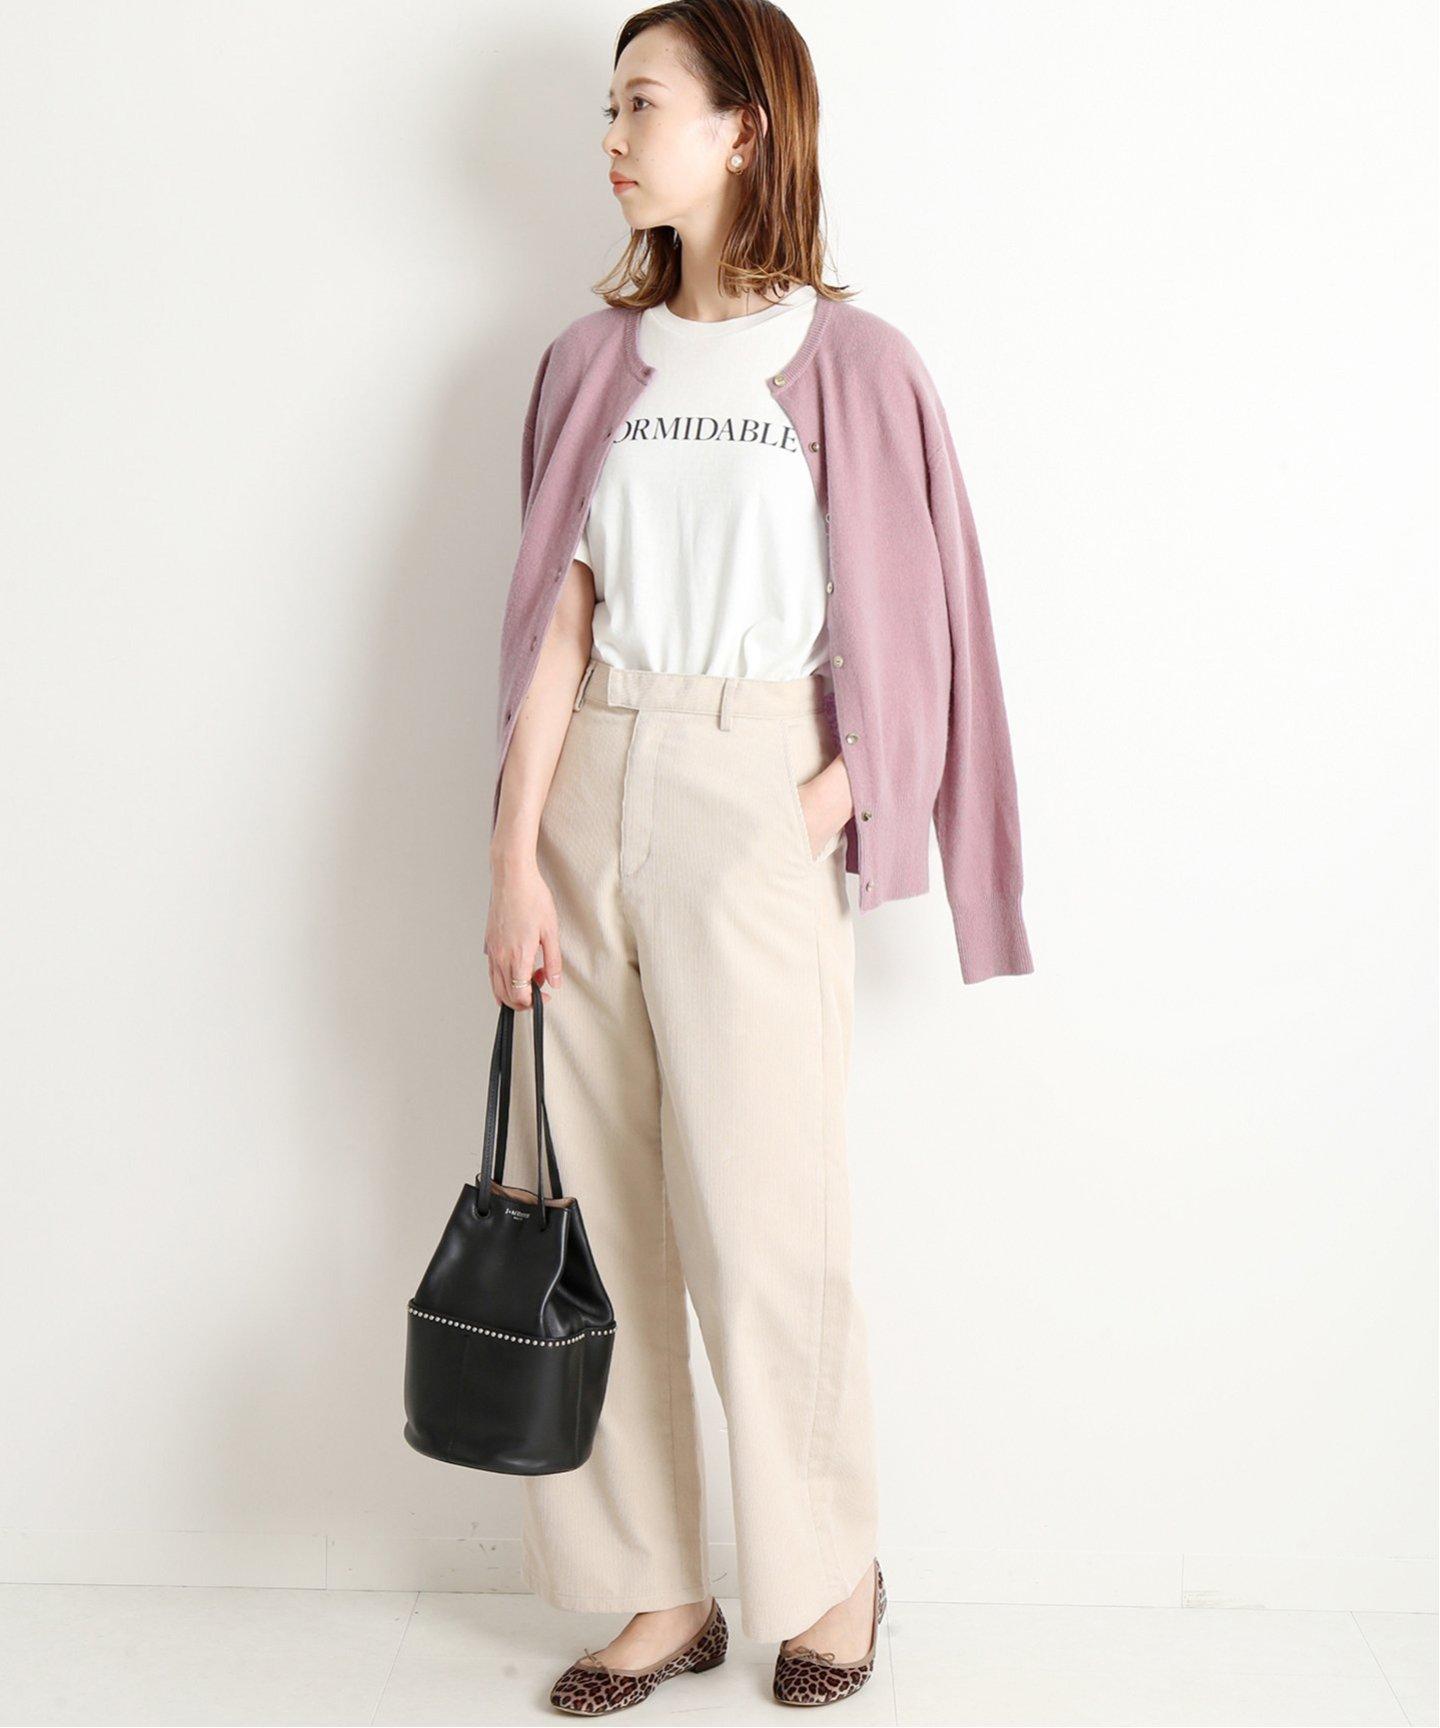 輕薄的上衣最適合用來與針織外套相互搭配